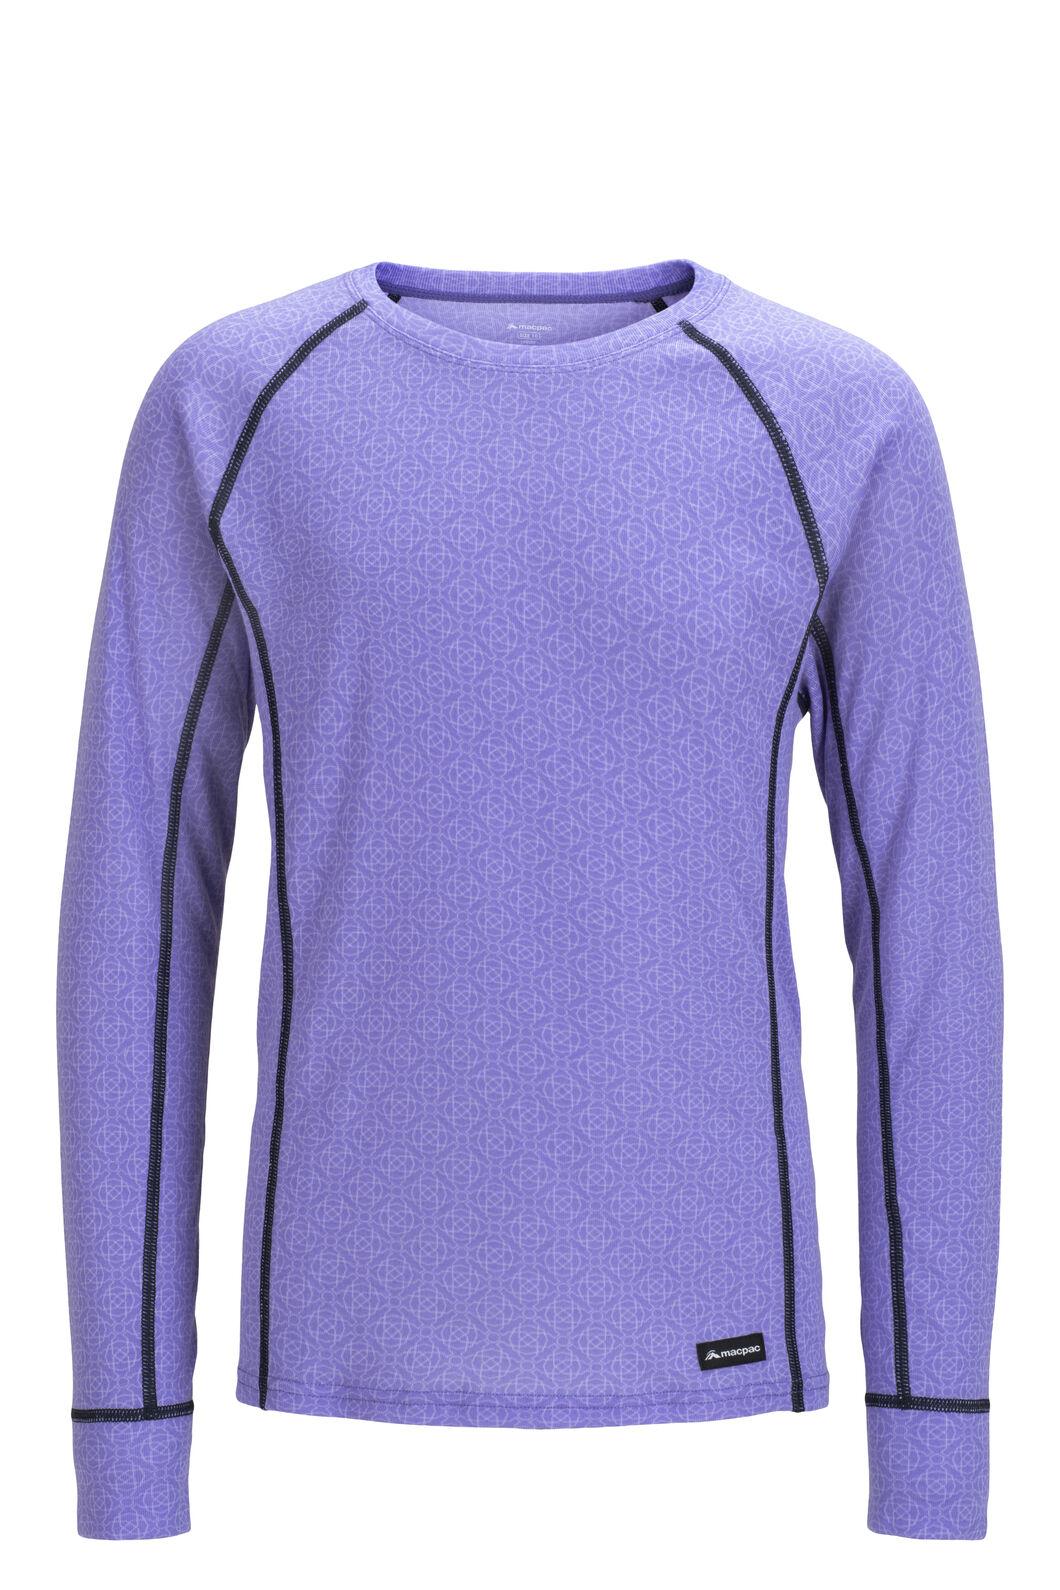 Macpac Geothermal Long Sleeve Top — Kids', Aster Purple Print, hi-res